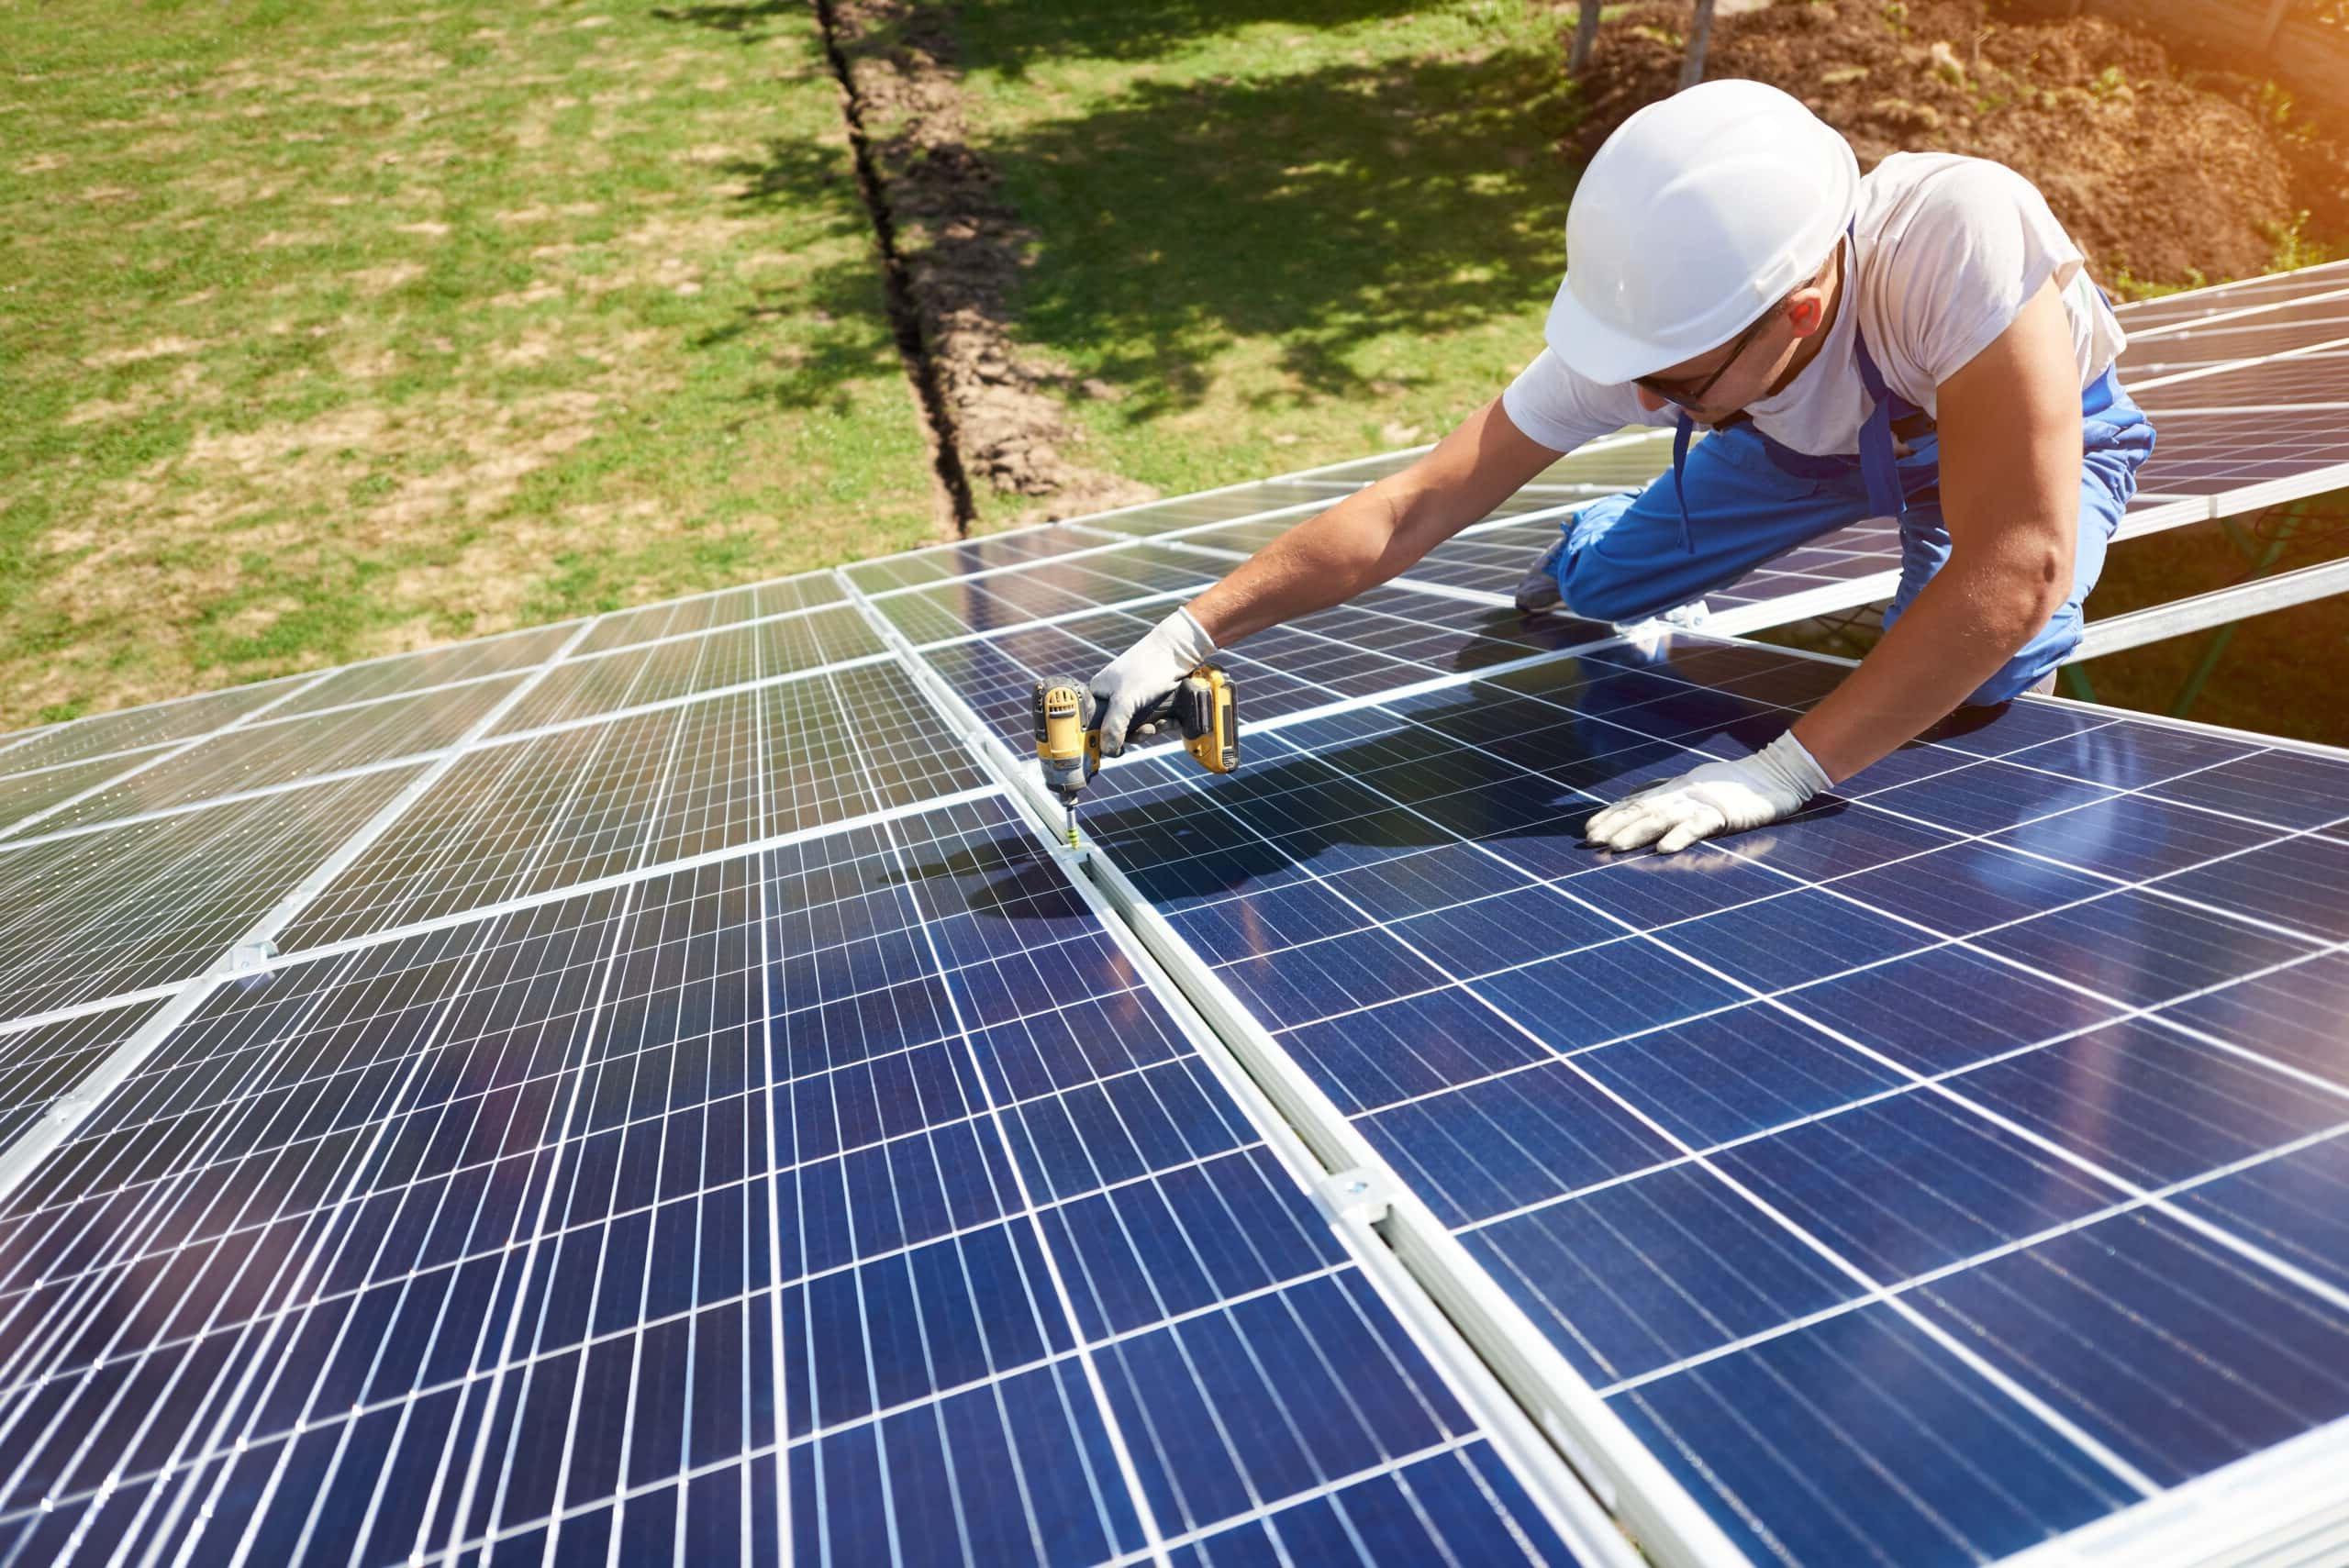 Sončna elektrarna na ključ ali samogradnja sončne elektrarne?